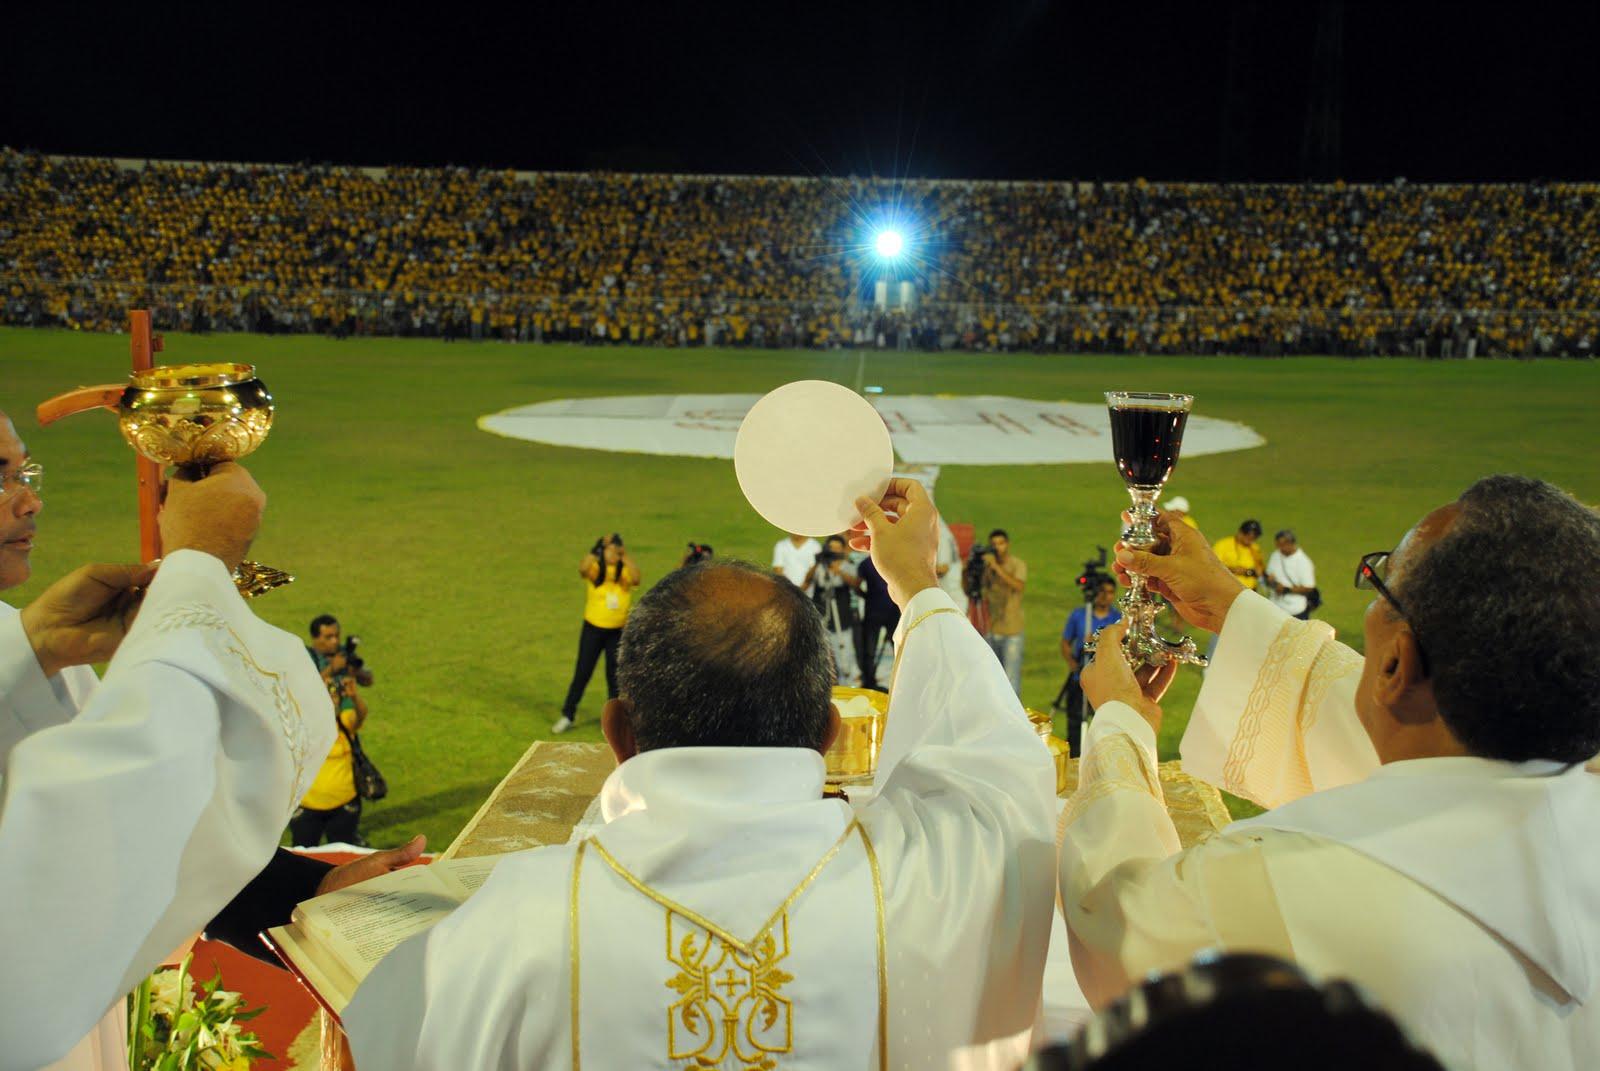 """DIOCESE DE IMPERATRIZ - MARANHÃO - Regional Nordeste V - """"Venha o teu Reino!"""": Diocese de Imperatriz celebra Festa de Corpus Christi"""